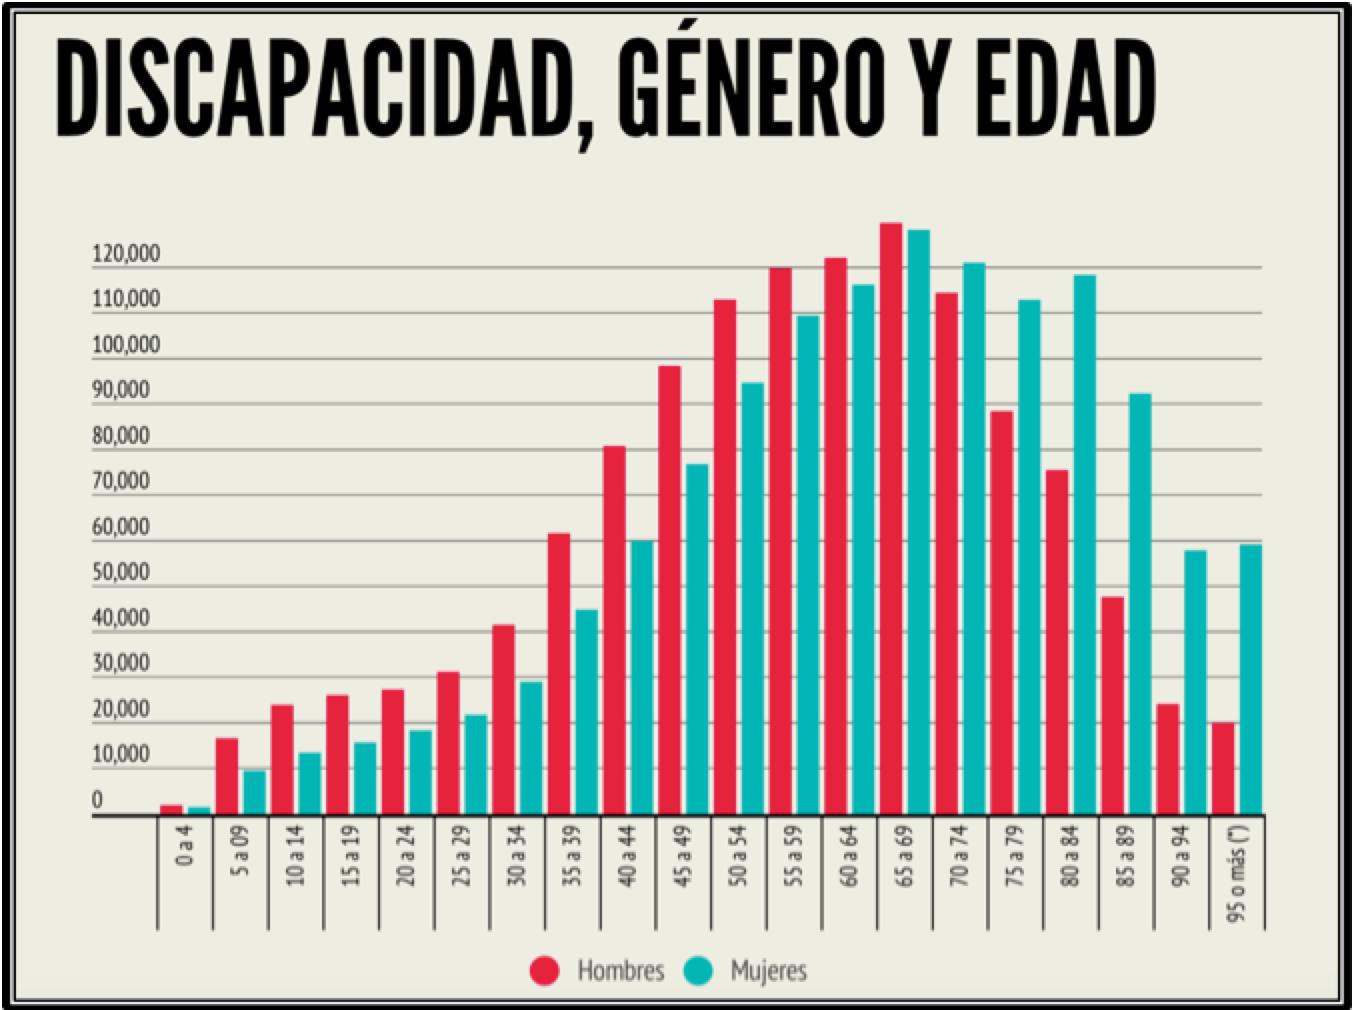 Gráfico: Discapacidad, género y edad. 2013. En el gráfico se muestra la población con discapacidad reconocida oficialmente, por género y grupos de edad, en el año 2013.